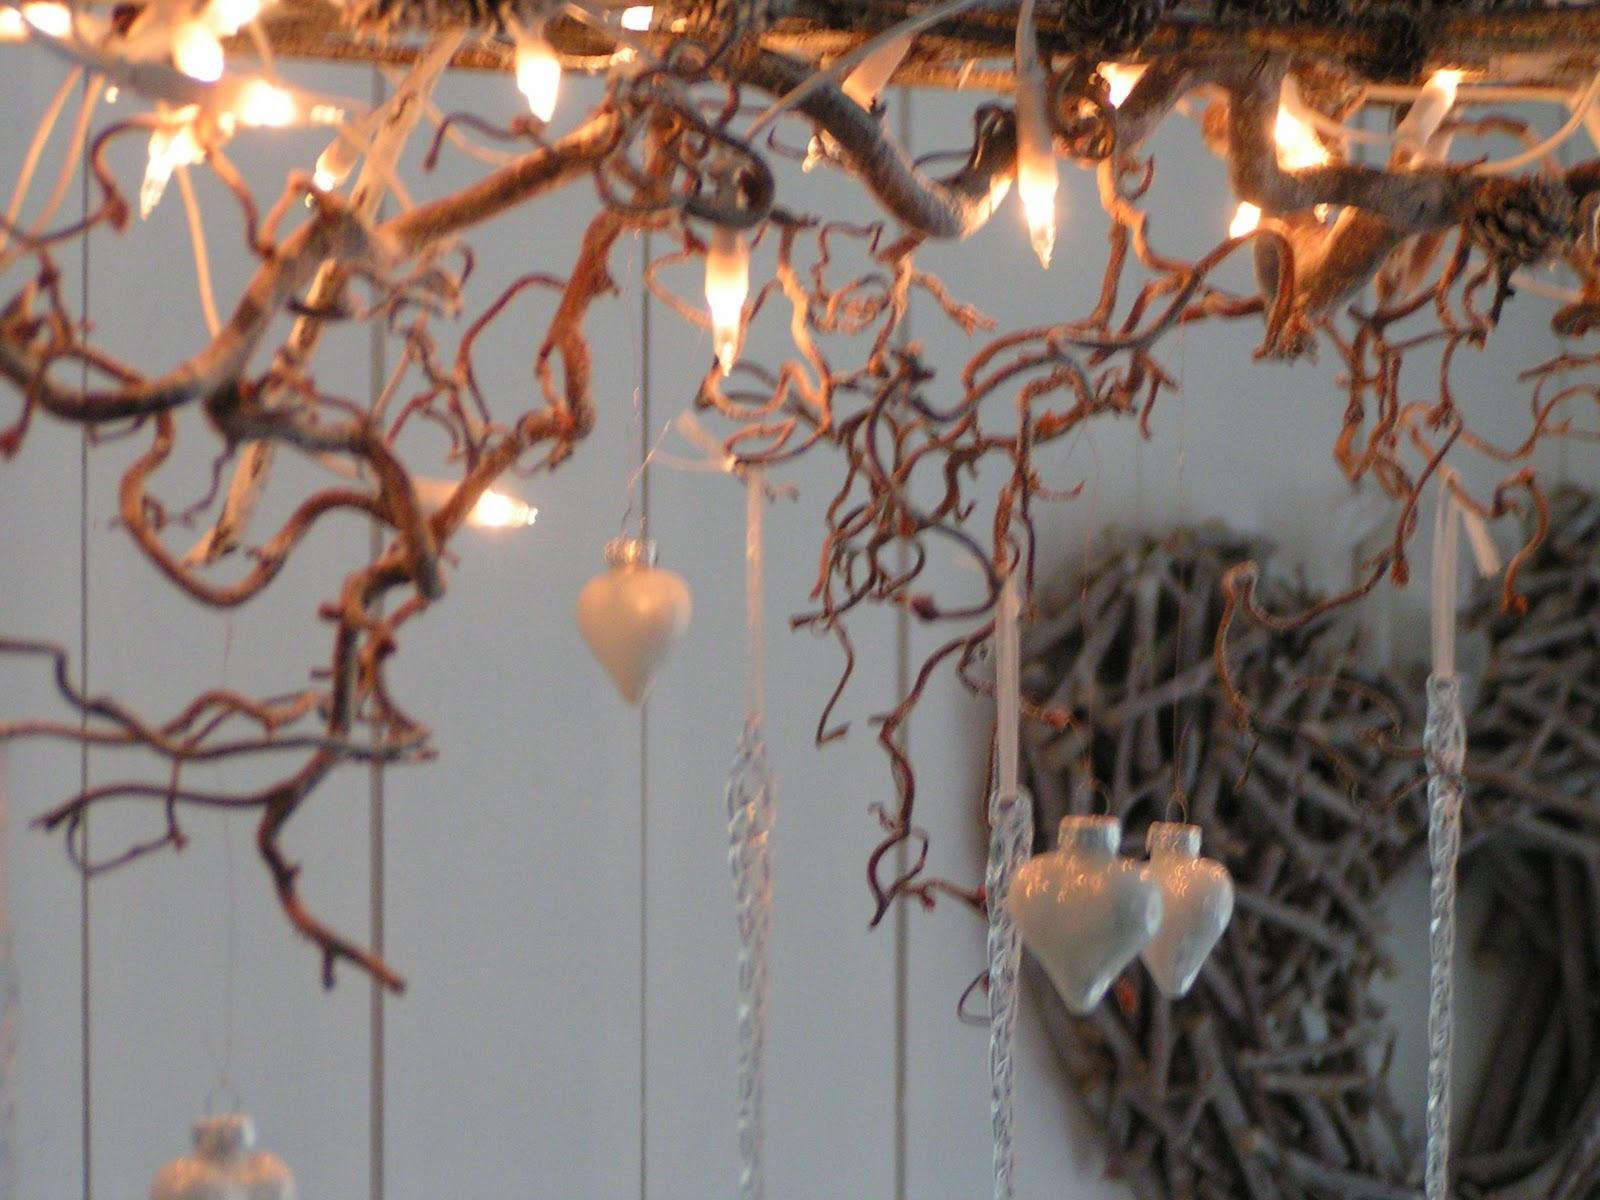 De with brocante ons huis in kerstsfeer - Tafel josephine wereldje van het huis ...